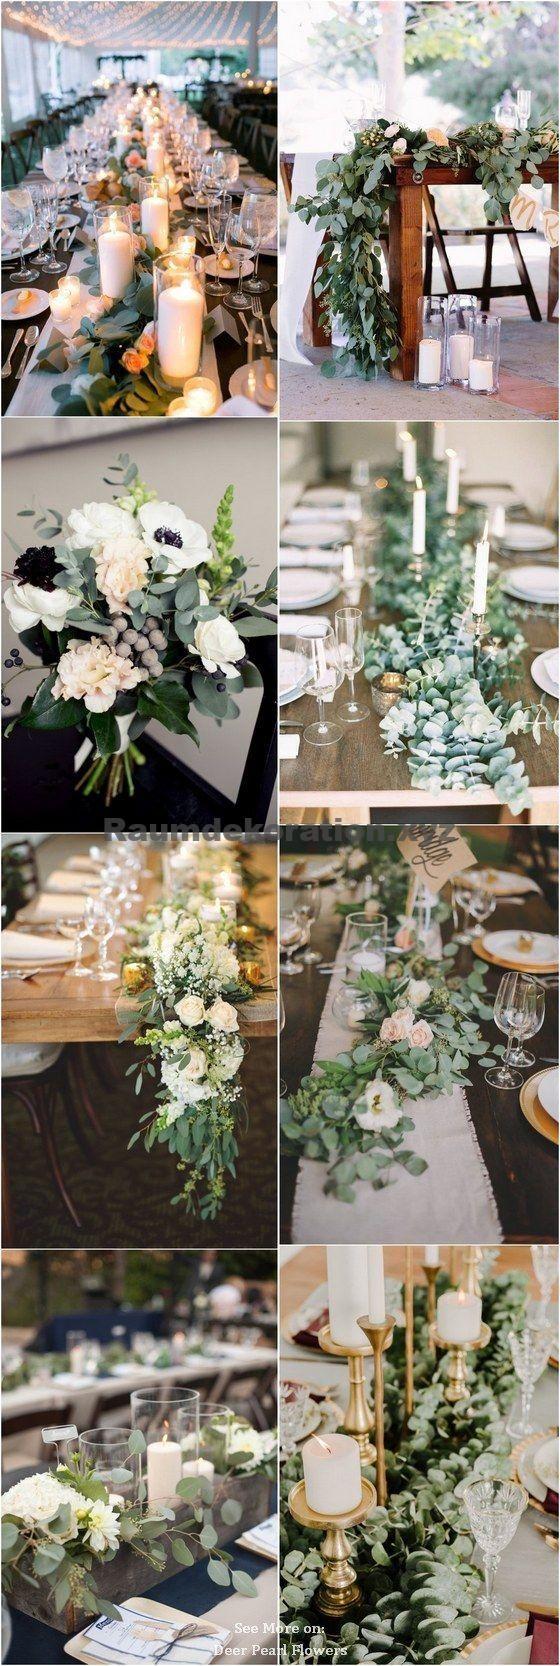 Tischdeko Hochzeit – 40 grüne Eukalyptus Hochzeitsdekor-Ideen